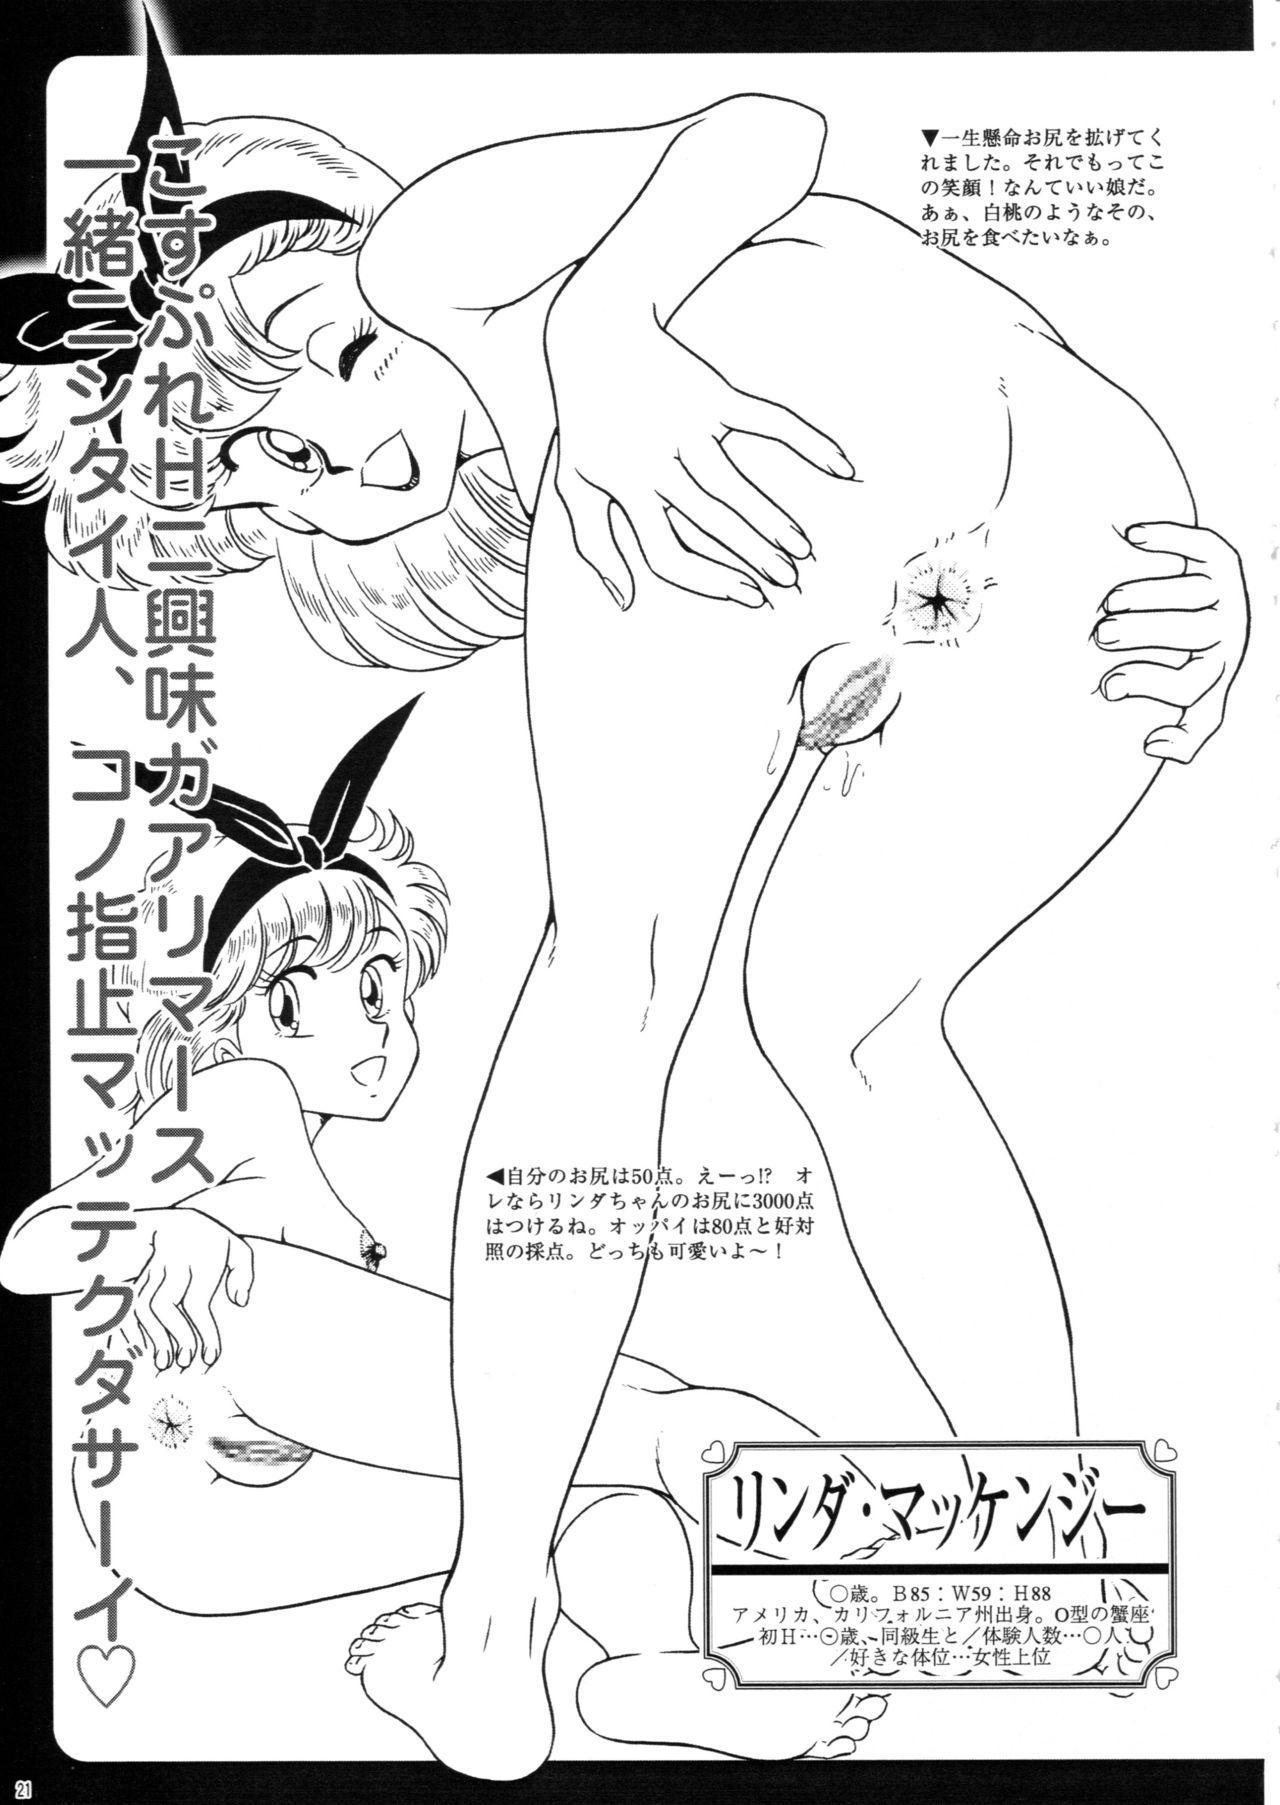 Saku-chan Club Vol. 02 19